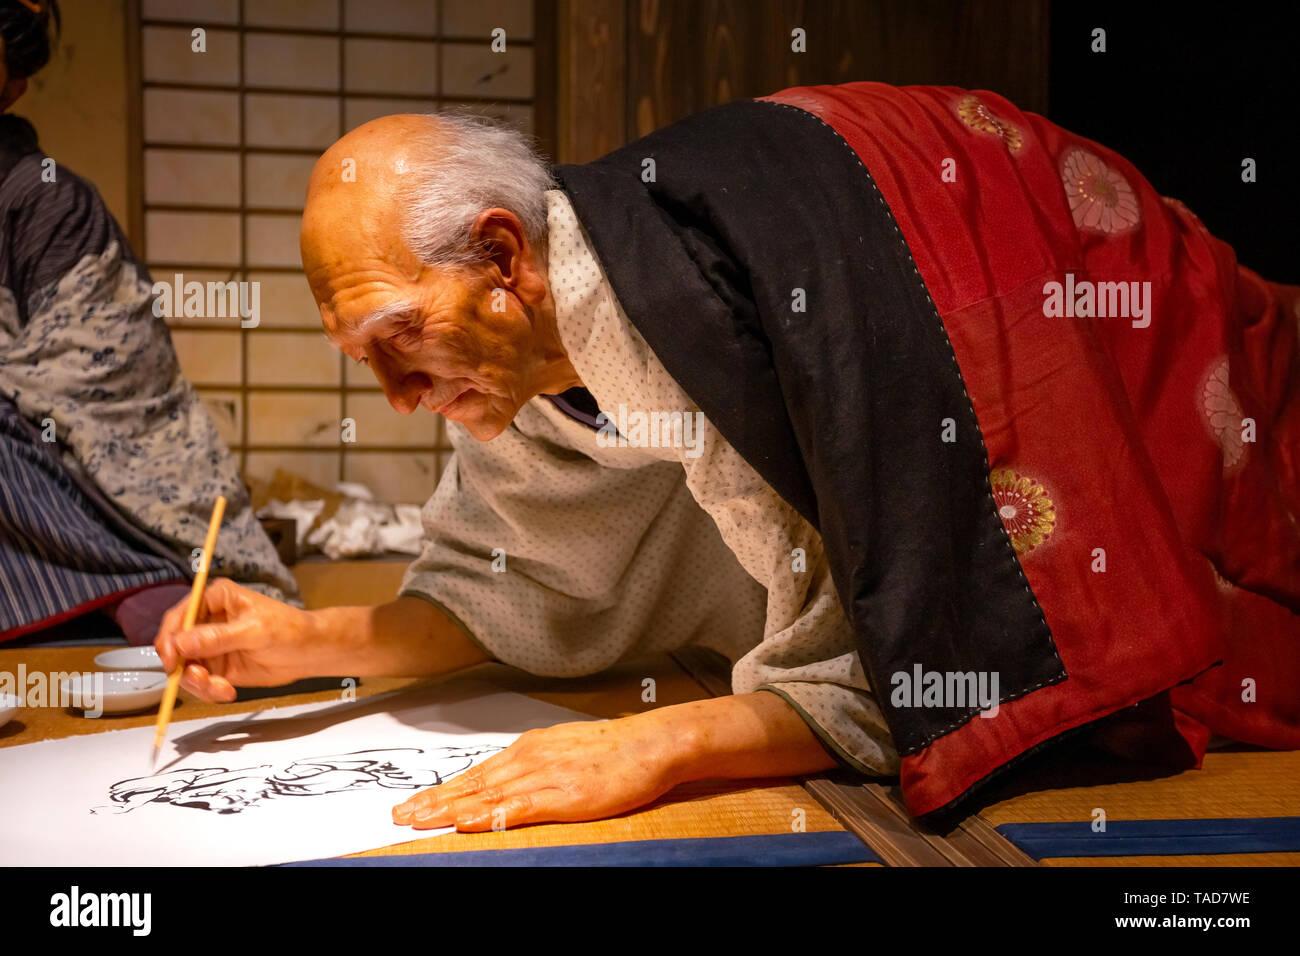 Tokyo, Japan - April 25, 2018: View of an animatronic figures of the Ukiyo-e artist (Japanese woodblock prints), Katsushika Hokusai and his daughter O - Stock Image